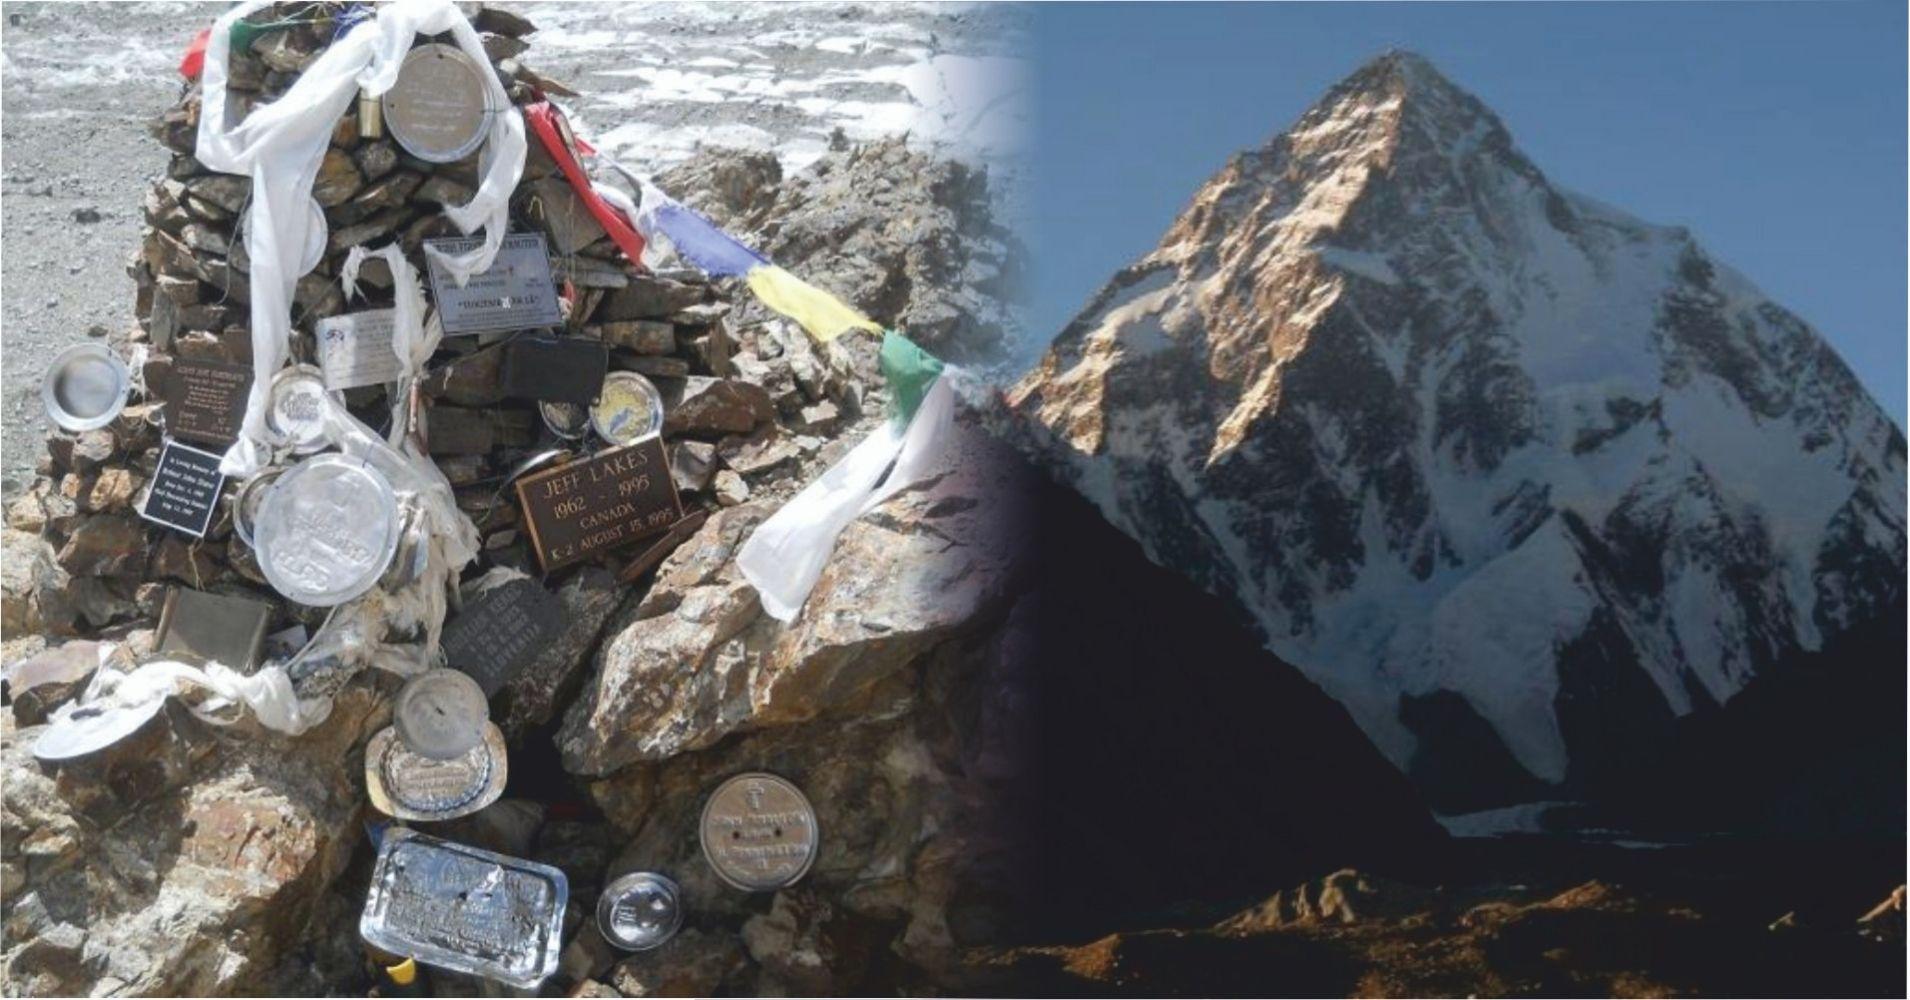 Recuerdos y Memoriales en el Campo Base del Pico K2, Pakistán.